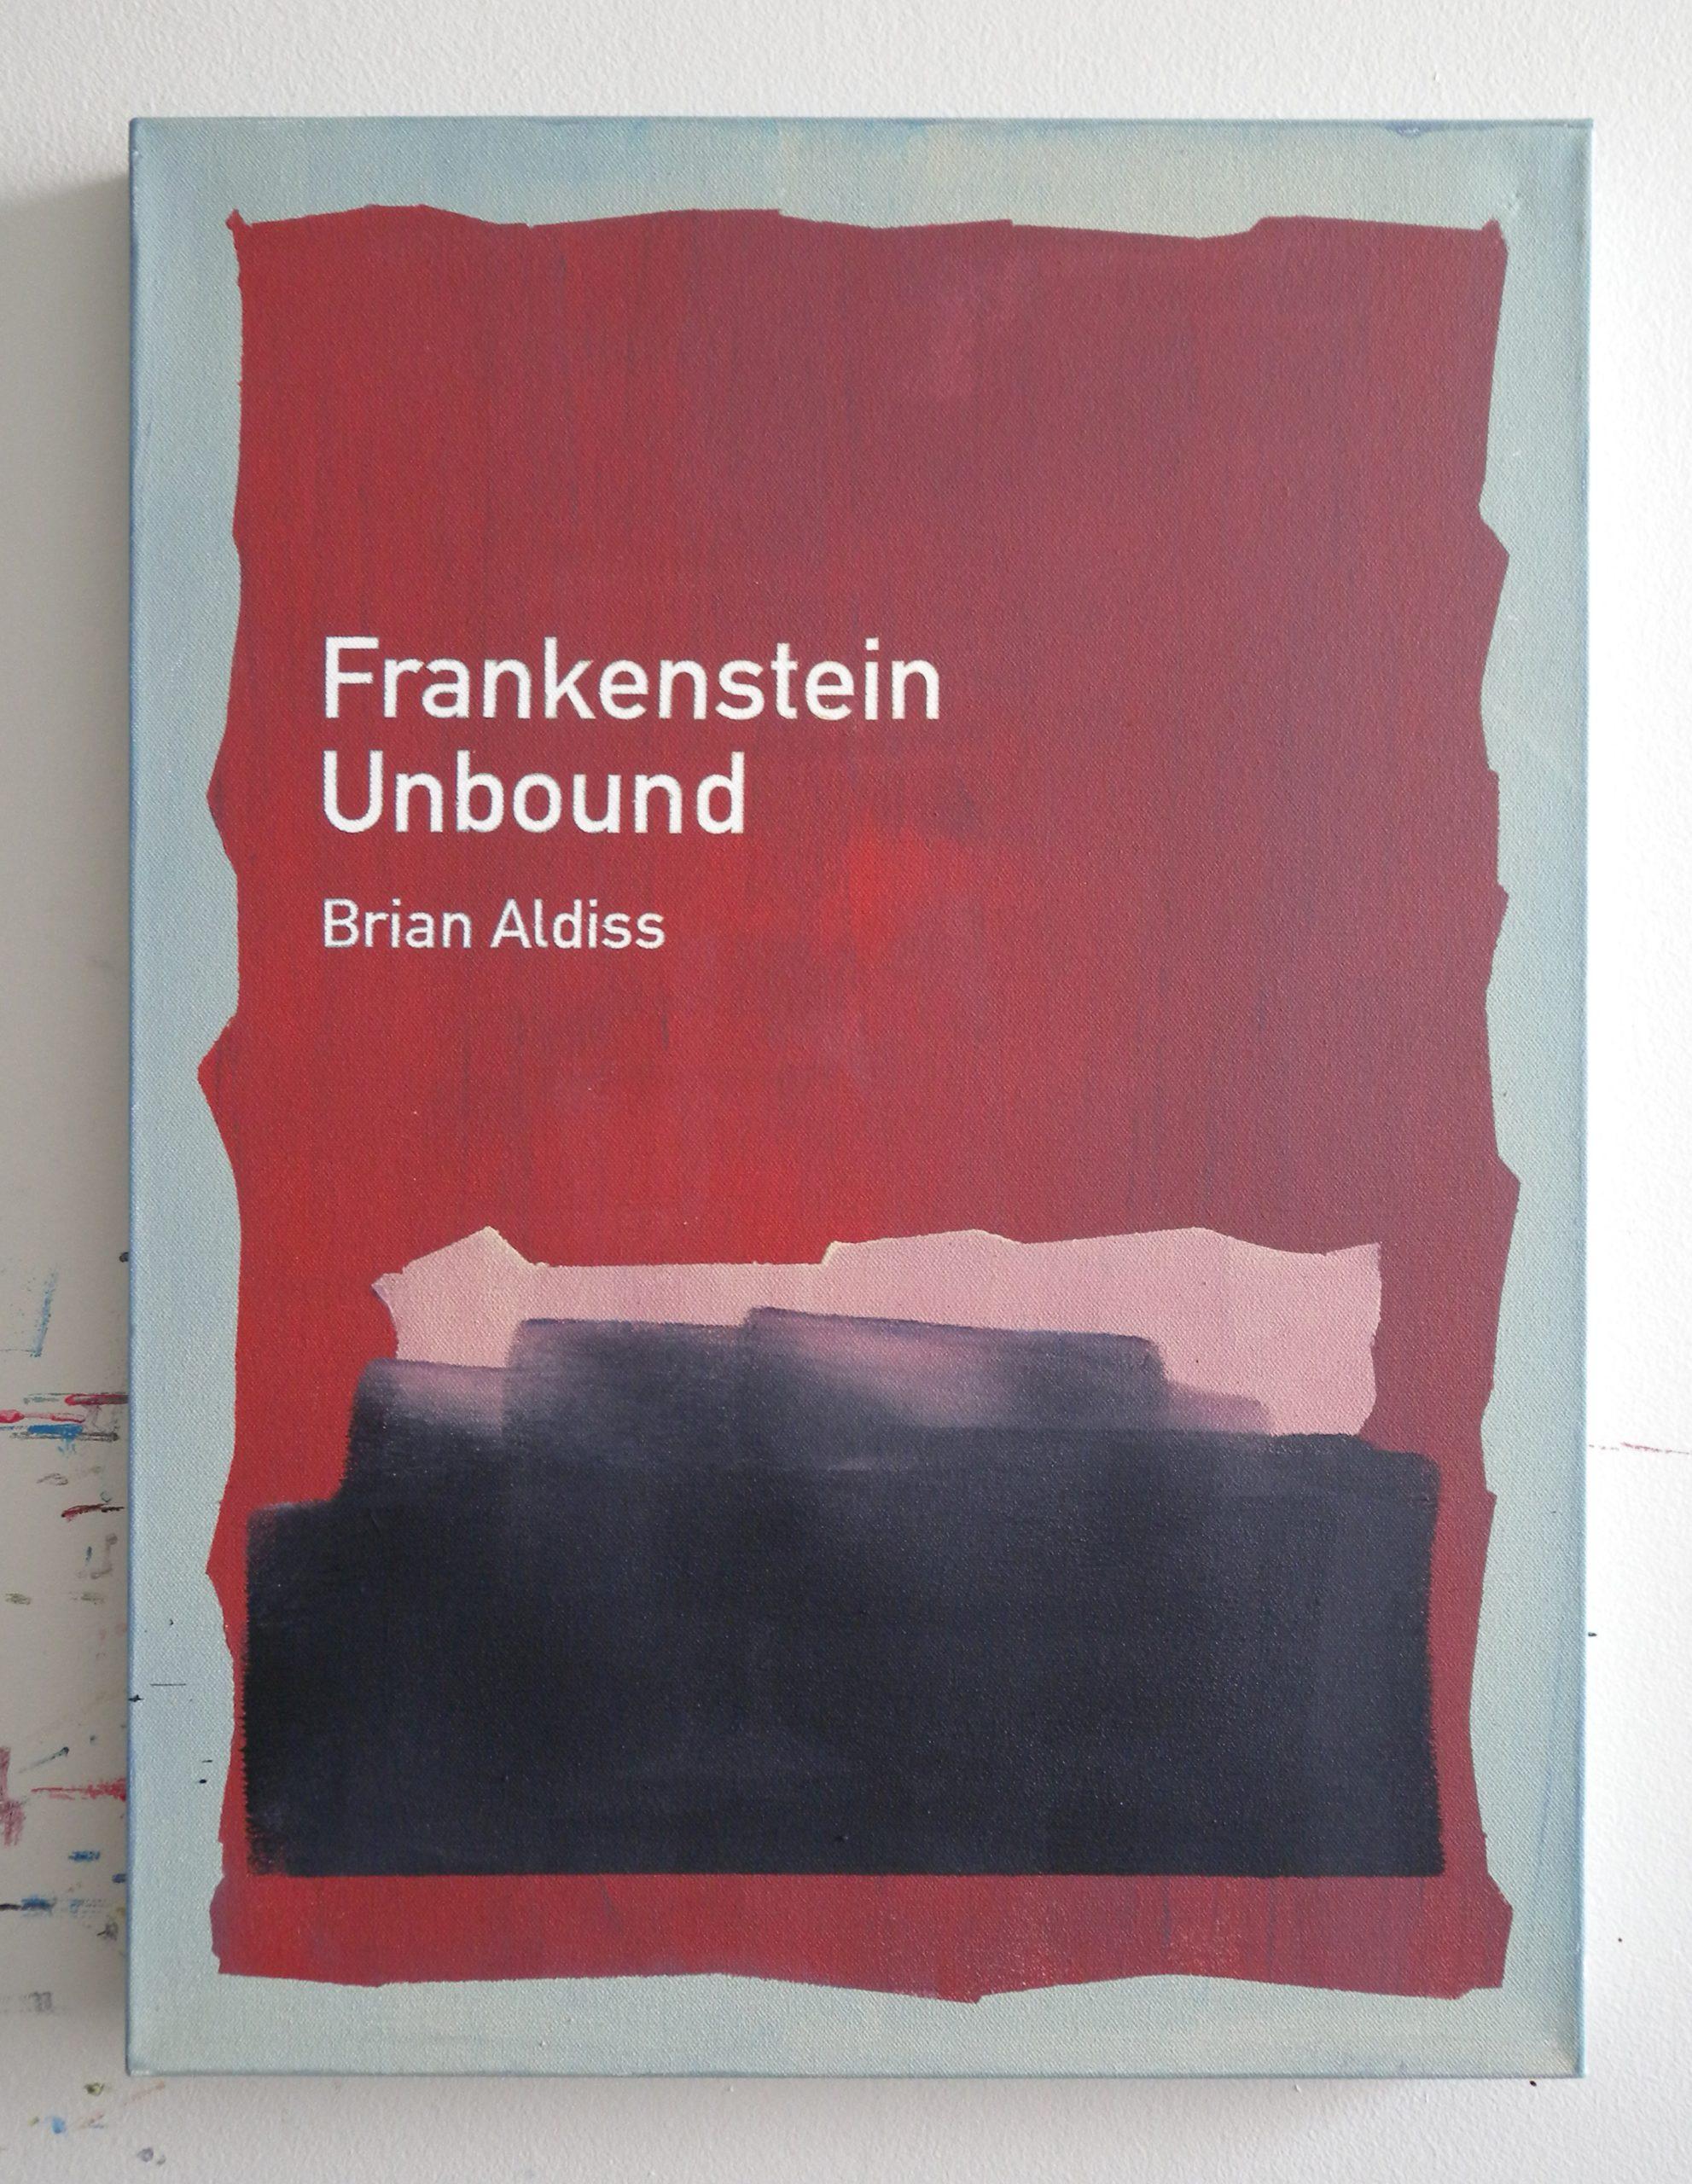 Frankenstein Unbound / Brian Aldiss